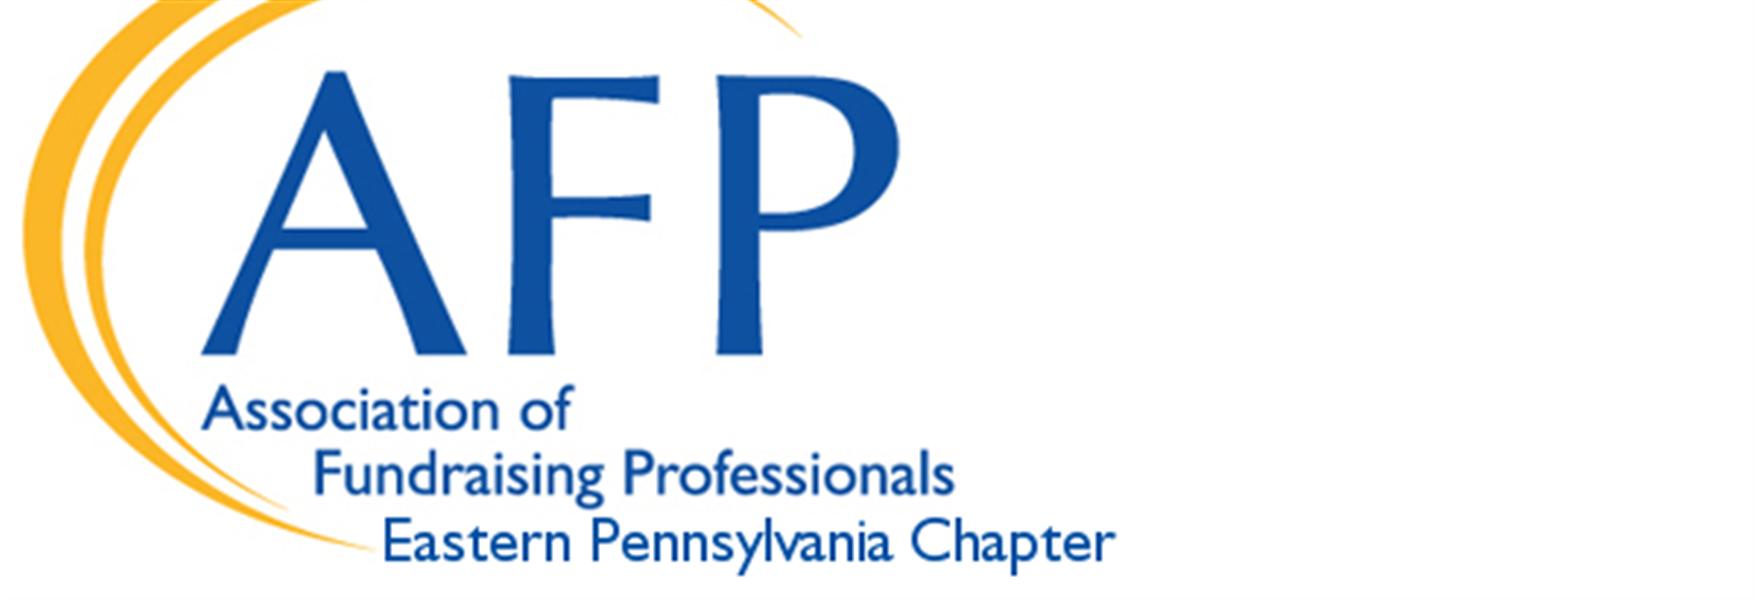 7b0cc8b3-5e6d-4ab4-ac75-800709fc4669_AFP - EPA Logo.php.png